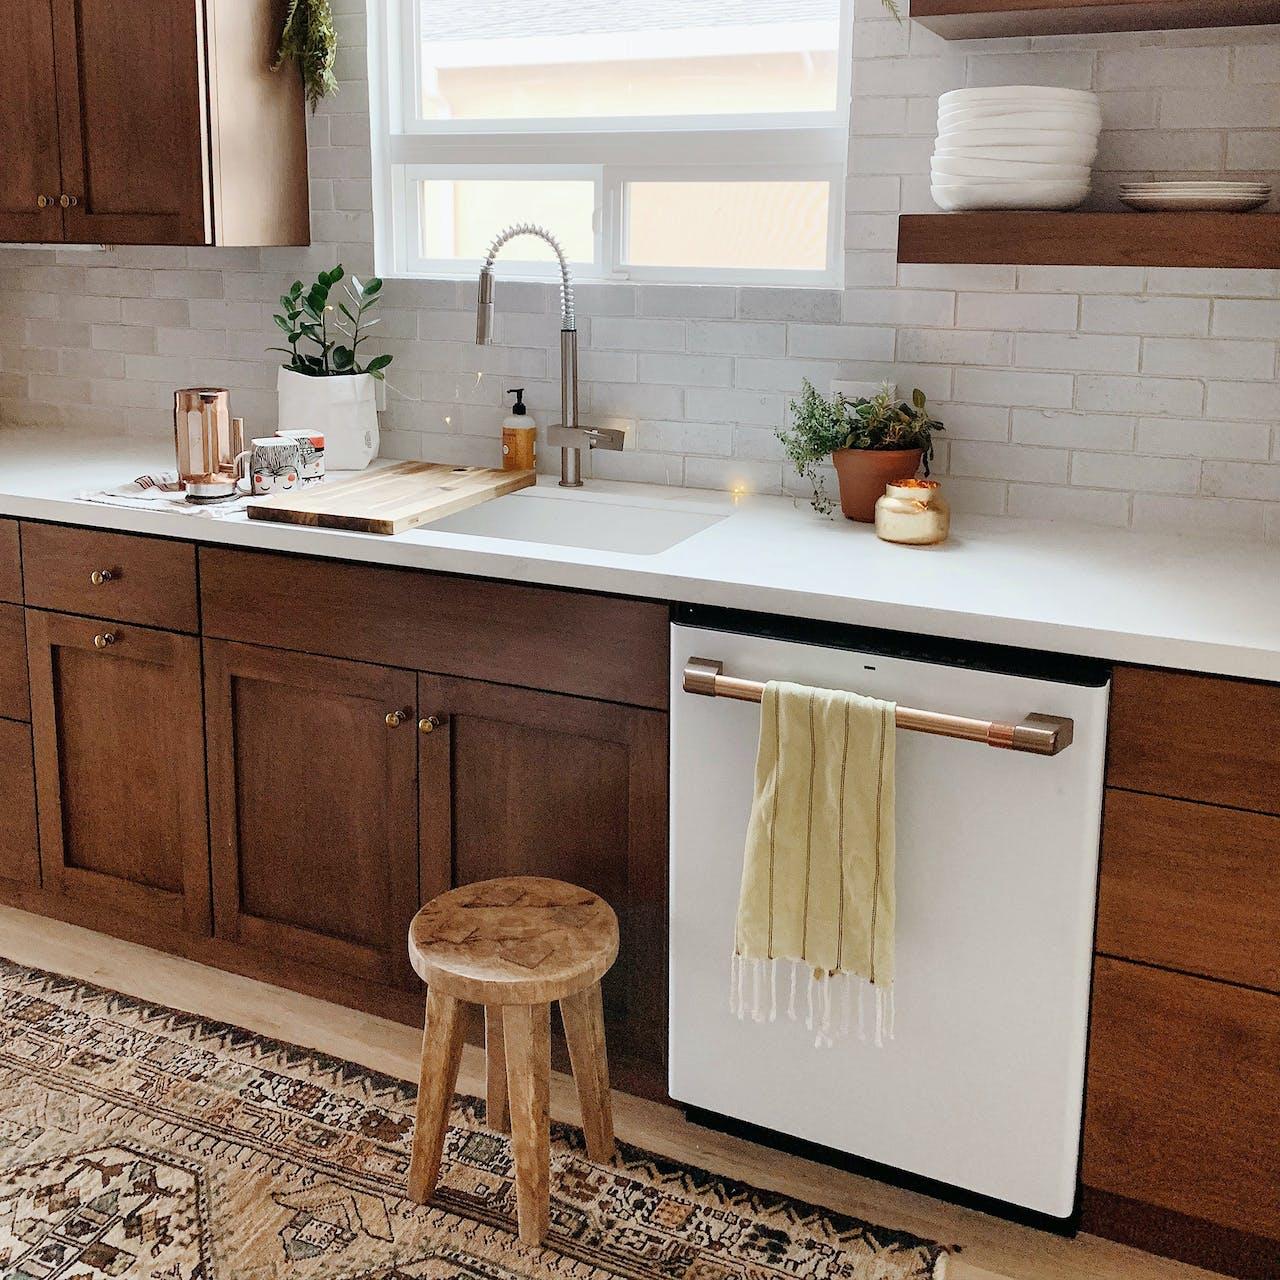 Tile backsplash with floating shelves